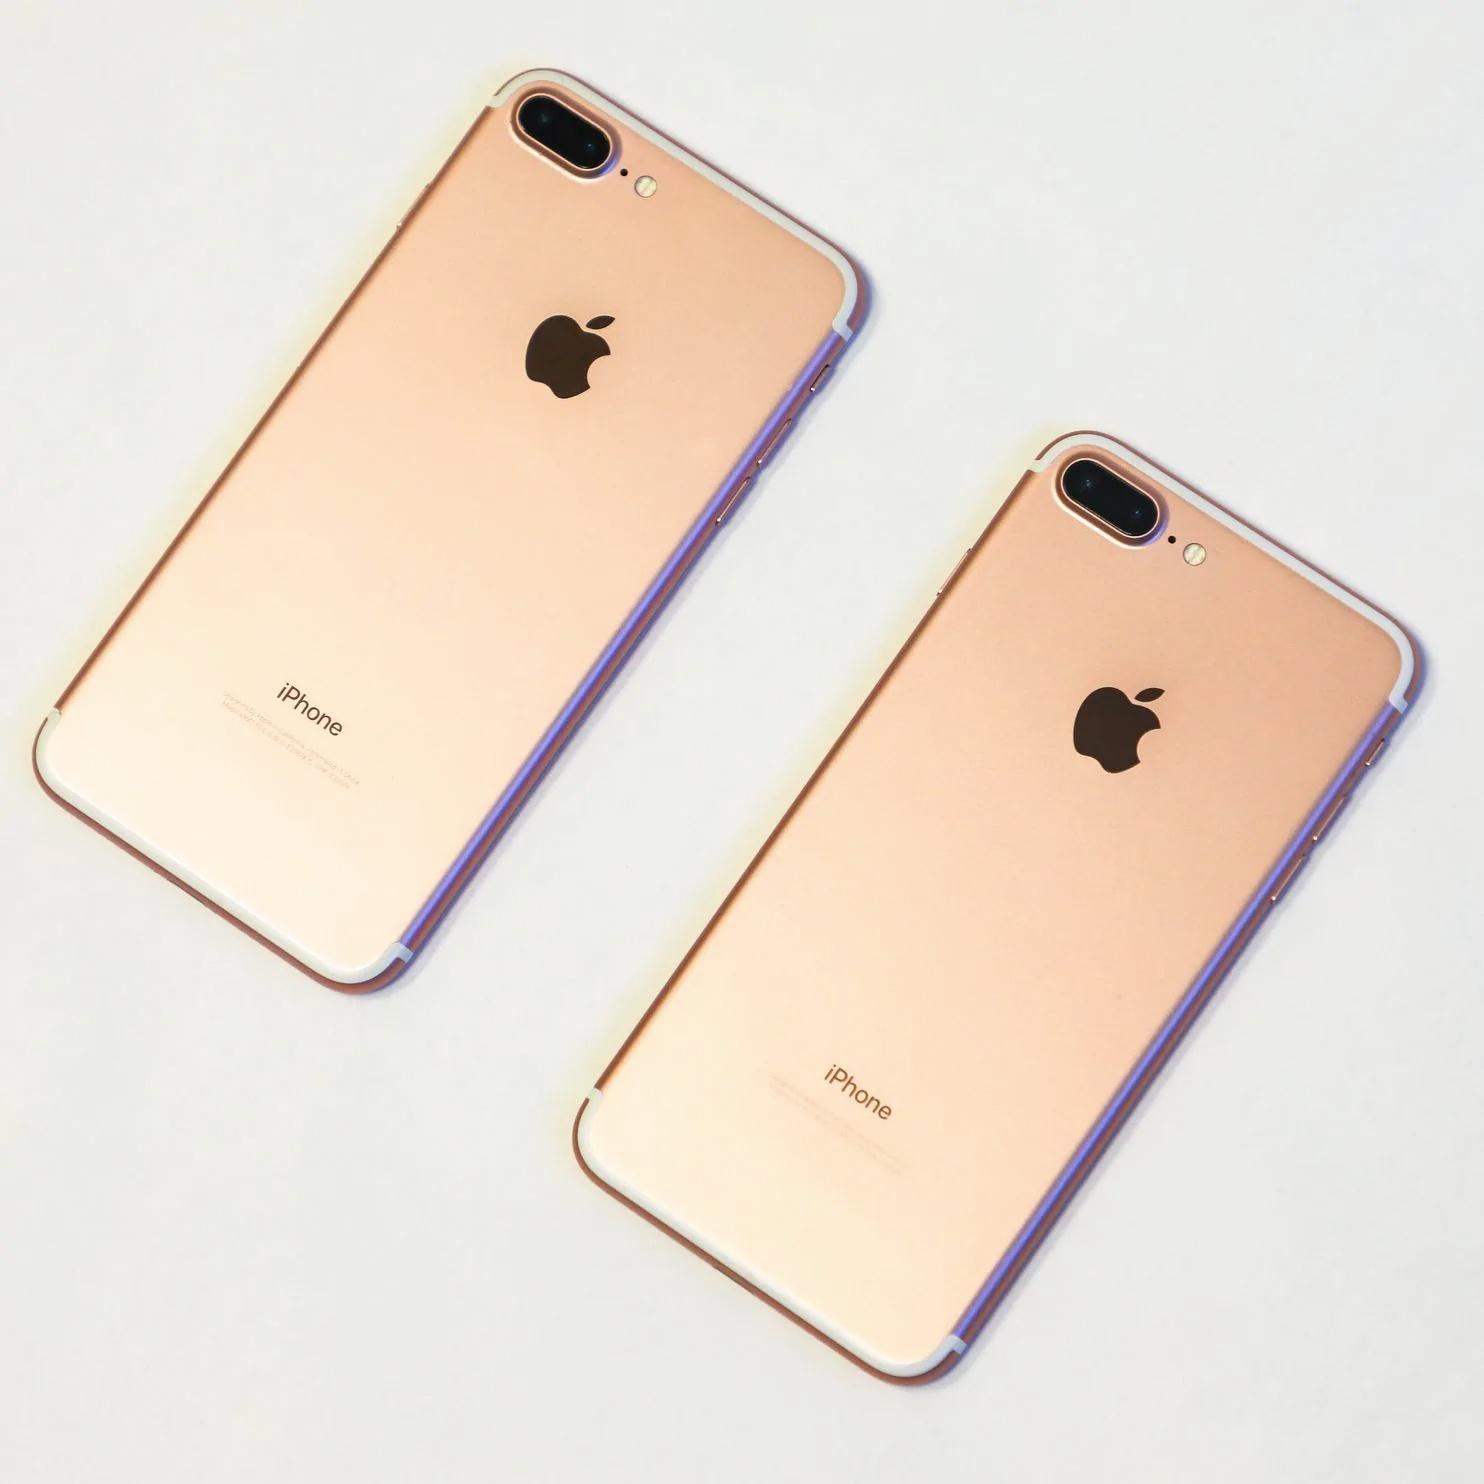 Восстановленные смартфоны: выгода или обман? - 2